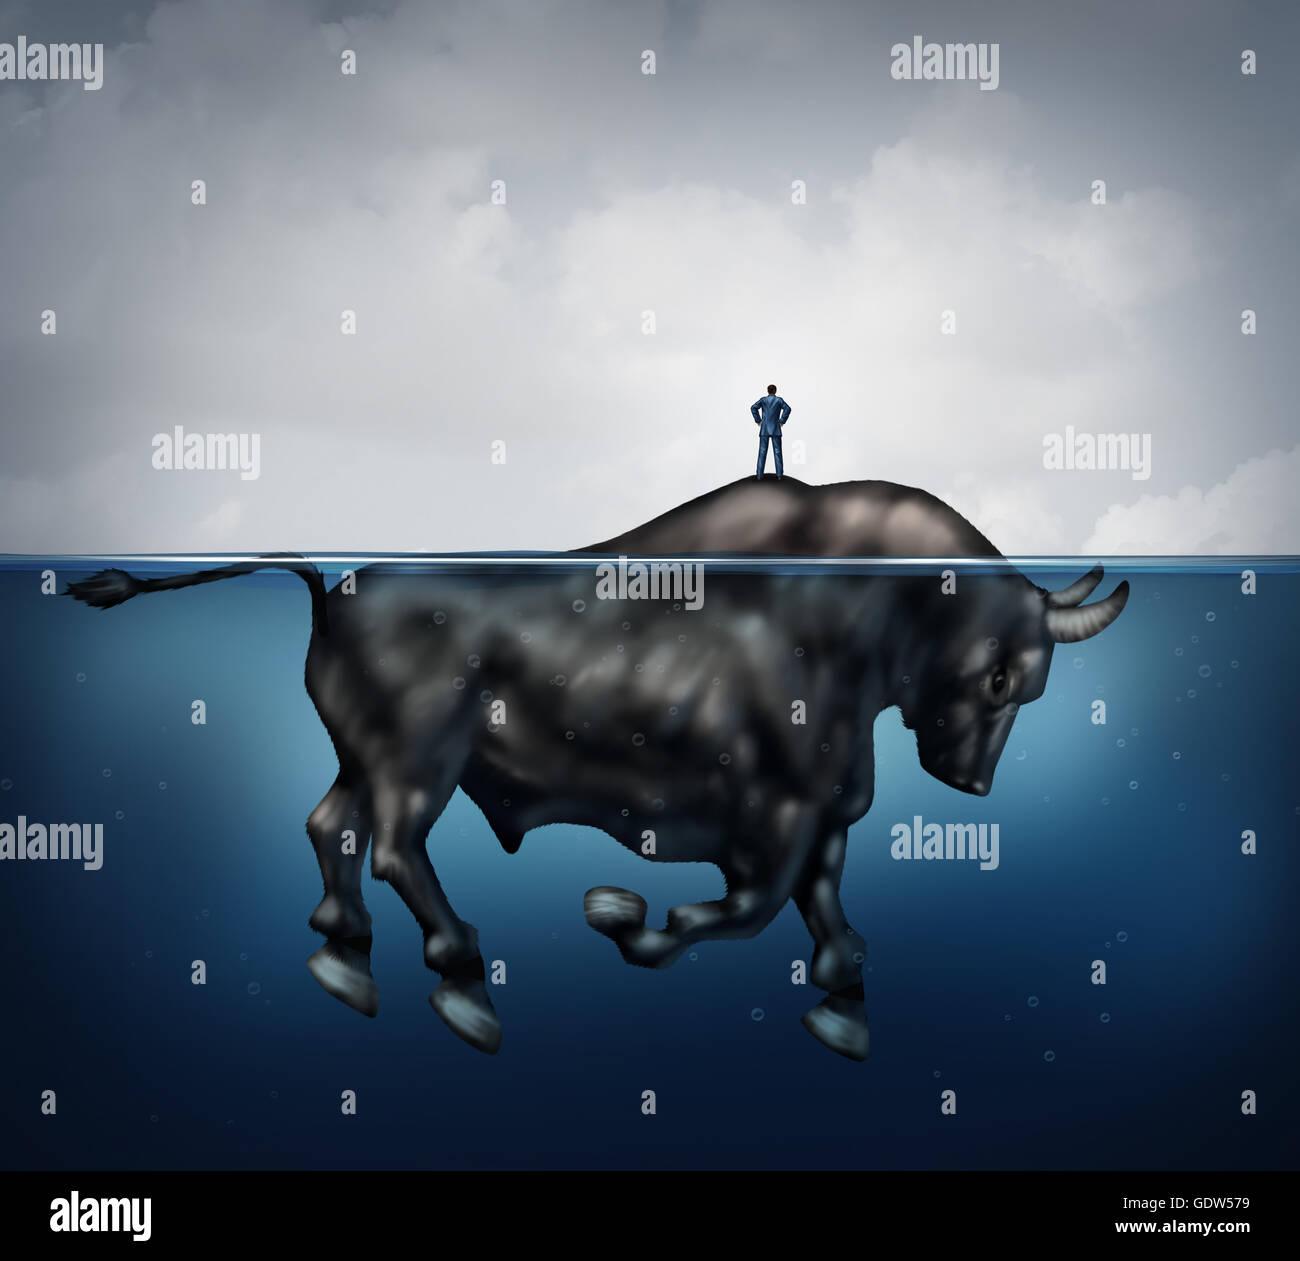 Ricerca per investire la prosperità e il successo di nascosto il mercato rialzista concetto finanziario come Immagini Stock